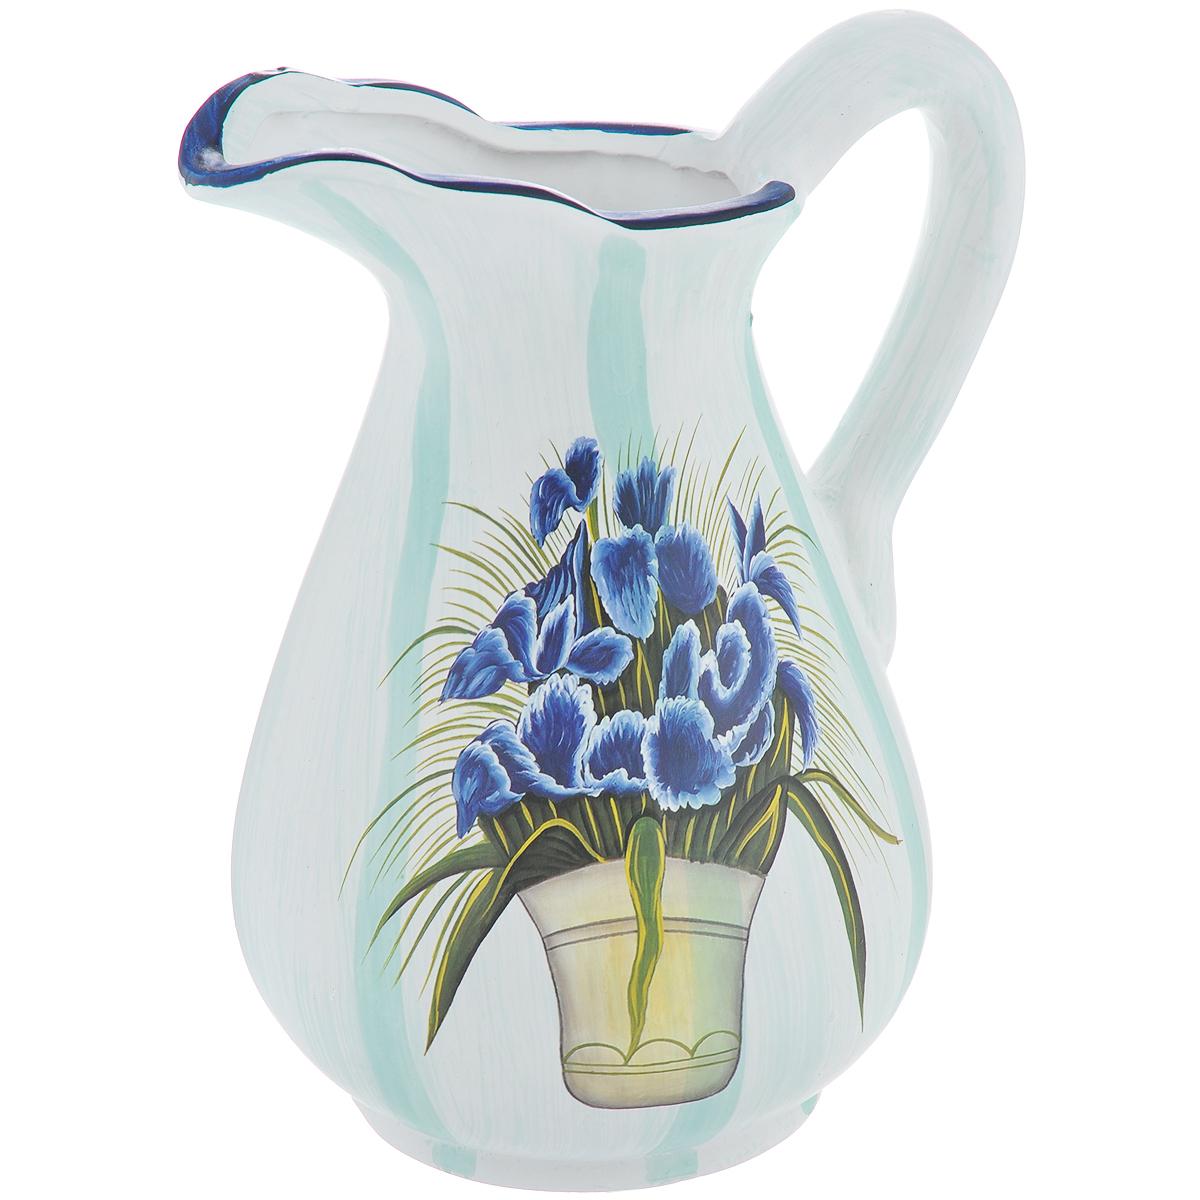 Ваза Lillo Синие цветы, высота 25 смLil 3096Элегантная ваза Lillo Синие цветы выполнена из высококачественной керамики в виде кувшина и декорирована рисунком. Она придется по вкусу и ценителям классики, и тем, кто предпочитает утонченность и изящность. Вы можете поставить вазу в любом месте, где она будет удачно смотреться и радовать глаз. Такая ваза подойдет и для цветов, и для декора интерьера. Кроме того - это отличный вариант подарка для ваших близких и друзей. Высота вазы: 25 см. Диаметр по верхнему краю: 6 см. Диаметр основания: 11,5 см.